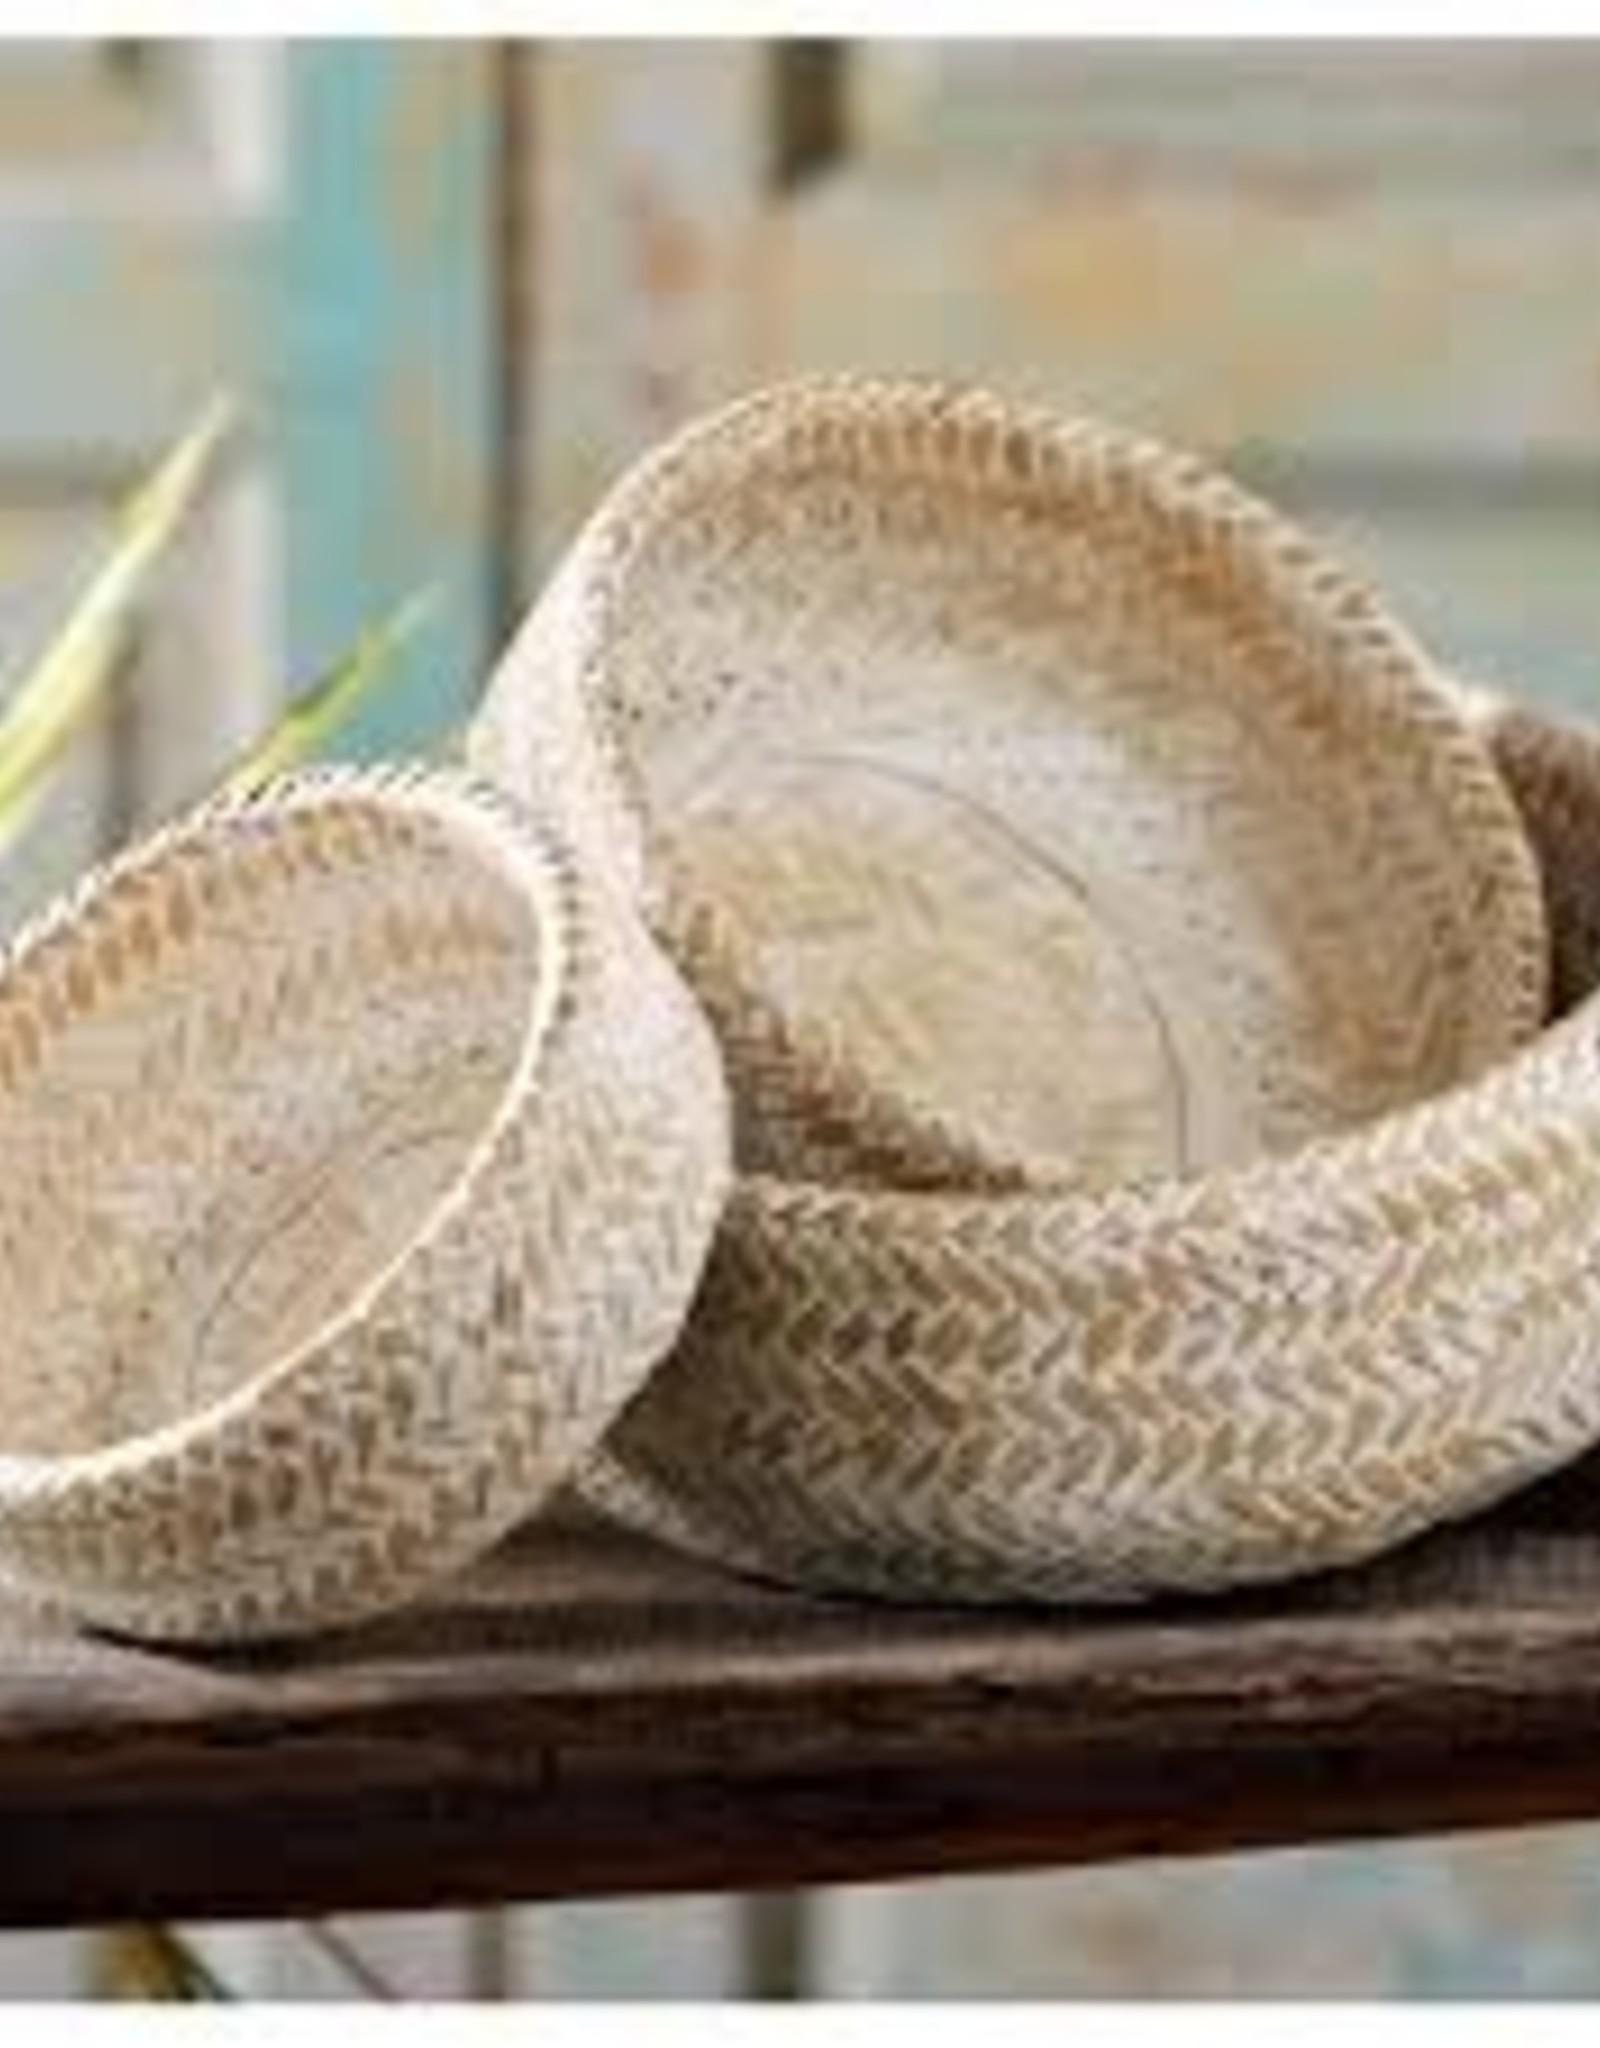 Nesting Bamboo Bowl Set of 3